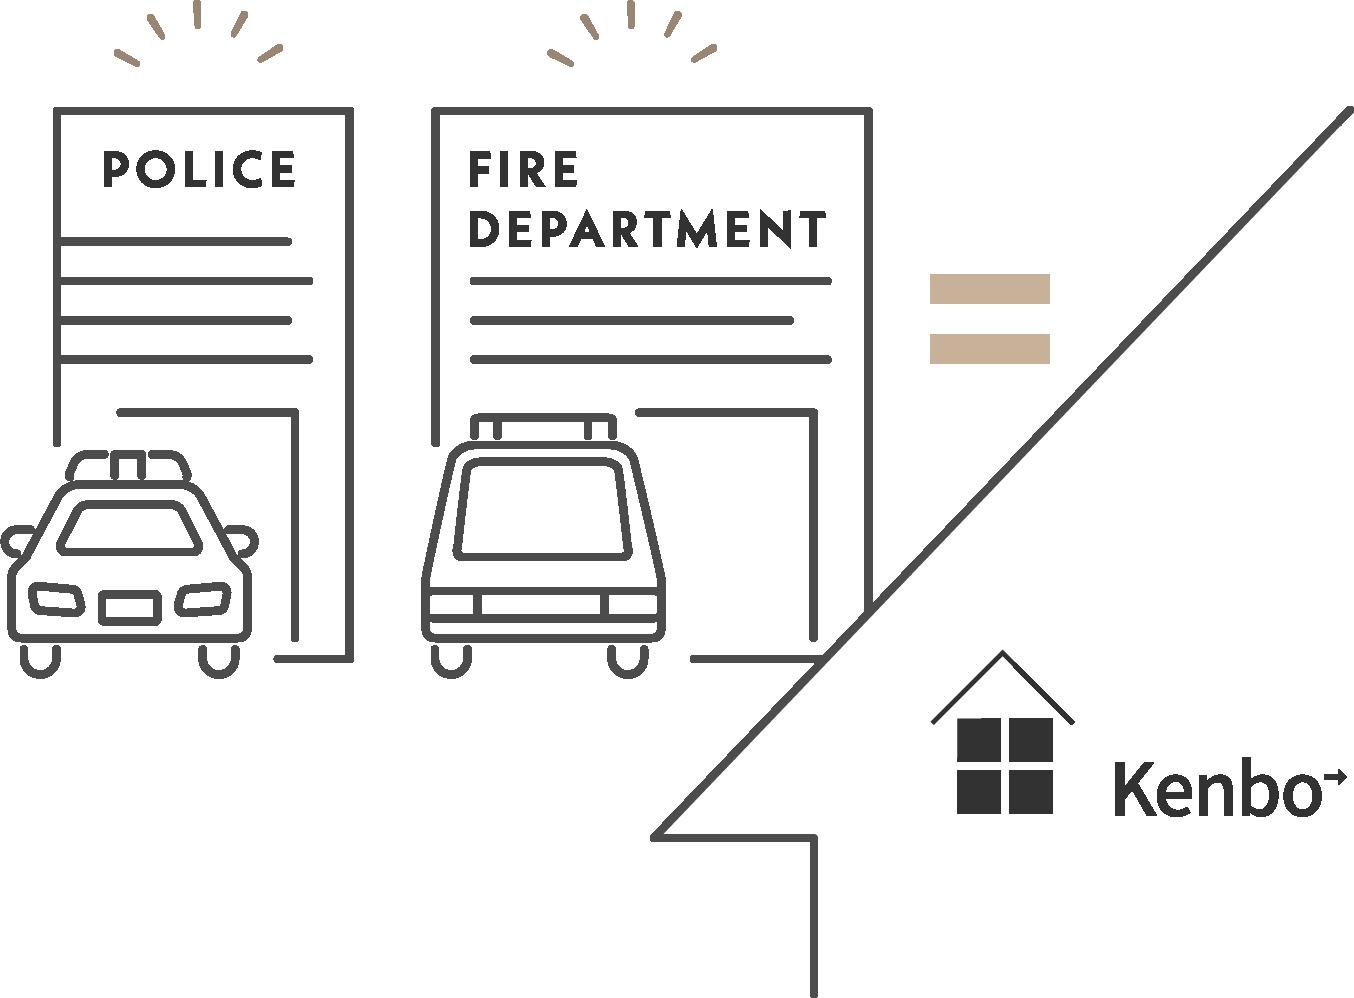 警察署や消防署などと同等レベルの耐震性。